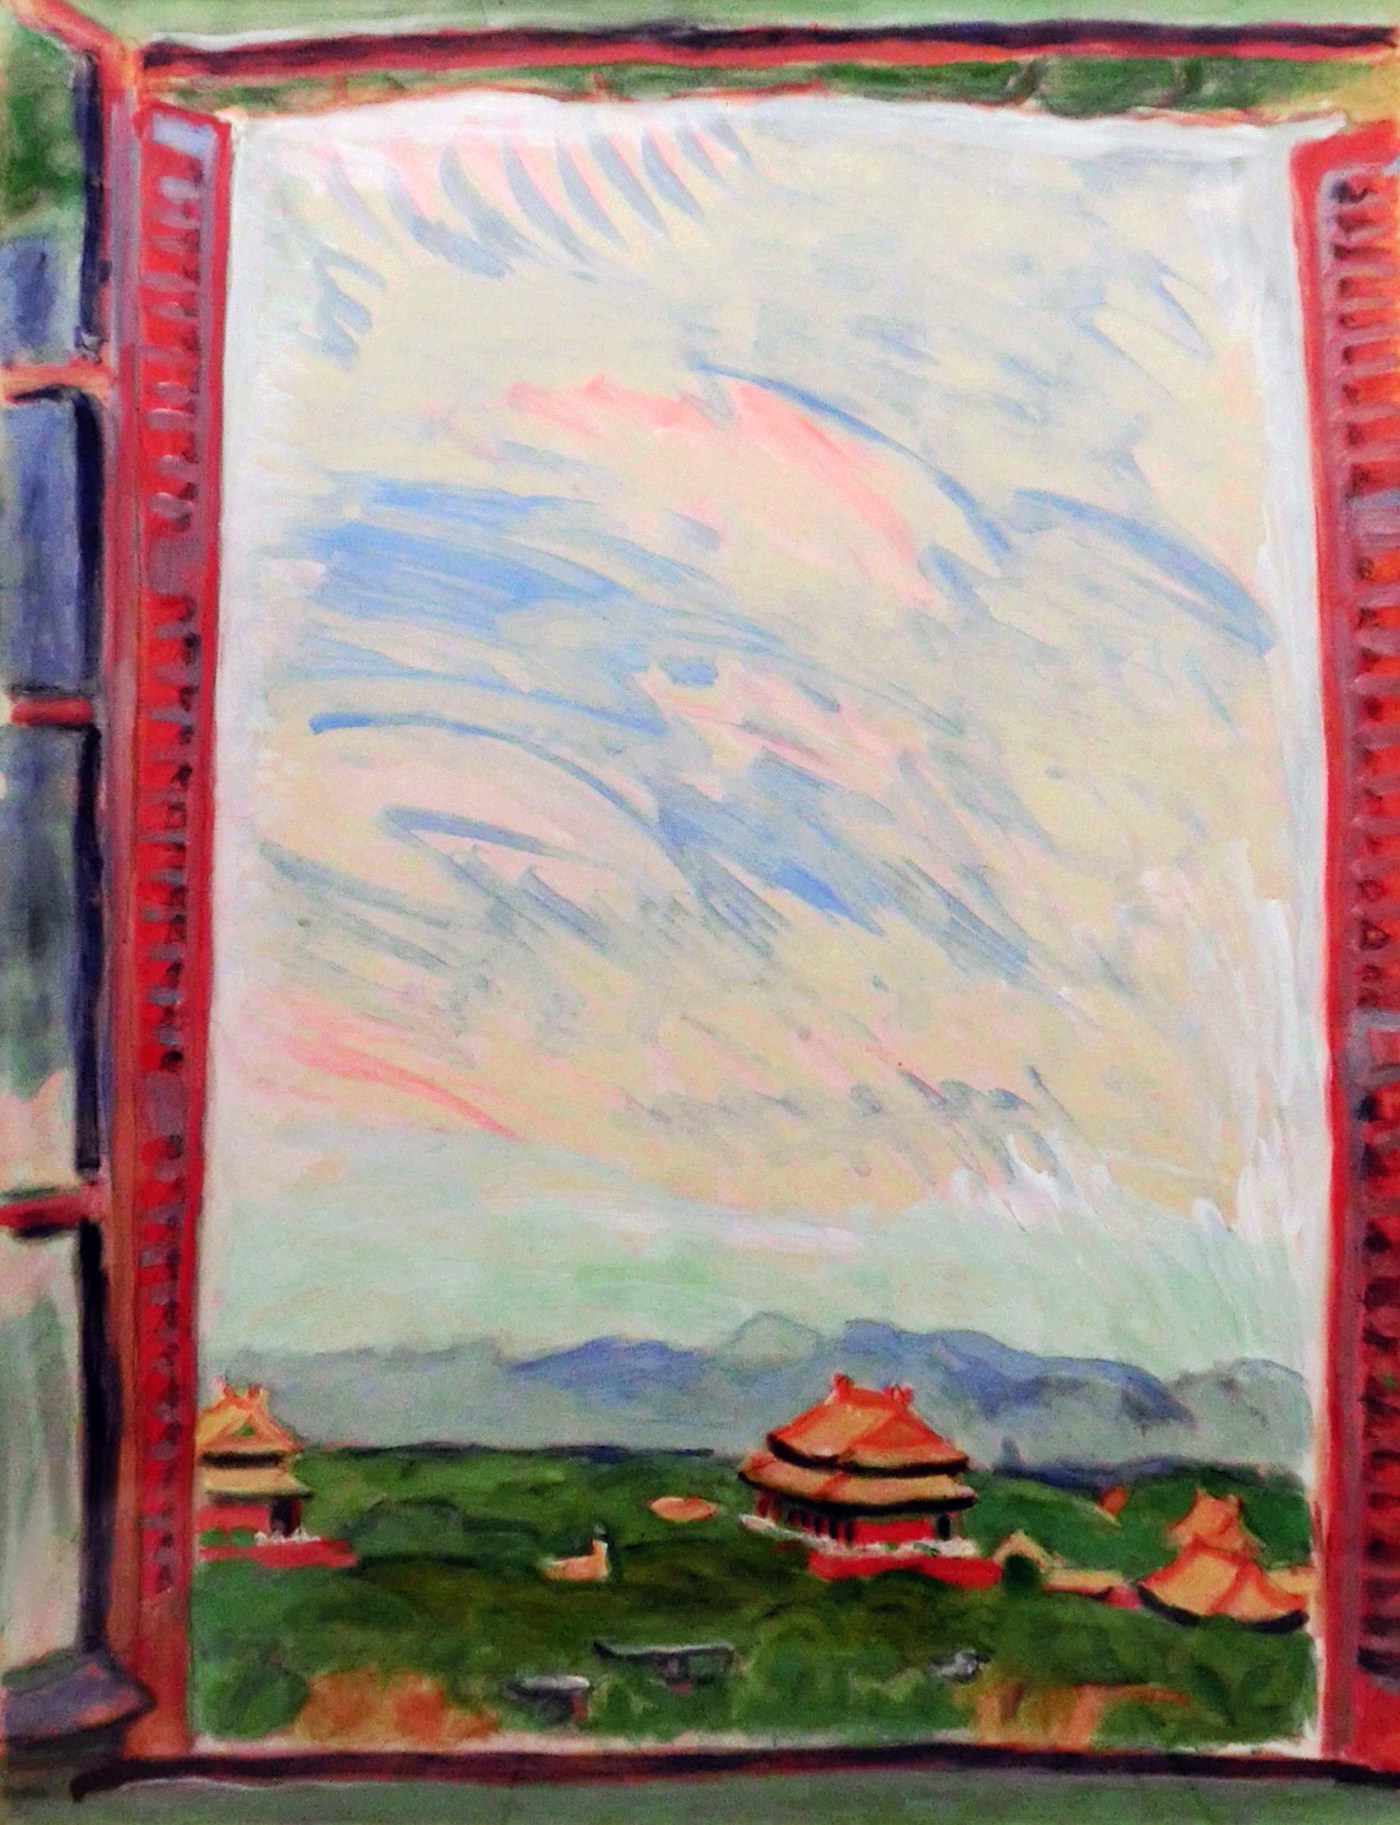 Umehara Ryuzaburo, 北京之窗 Window View of Beijing, 1943-2